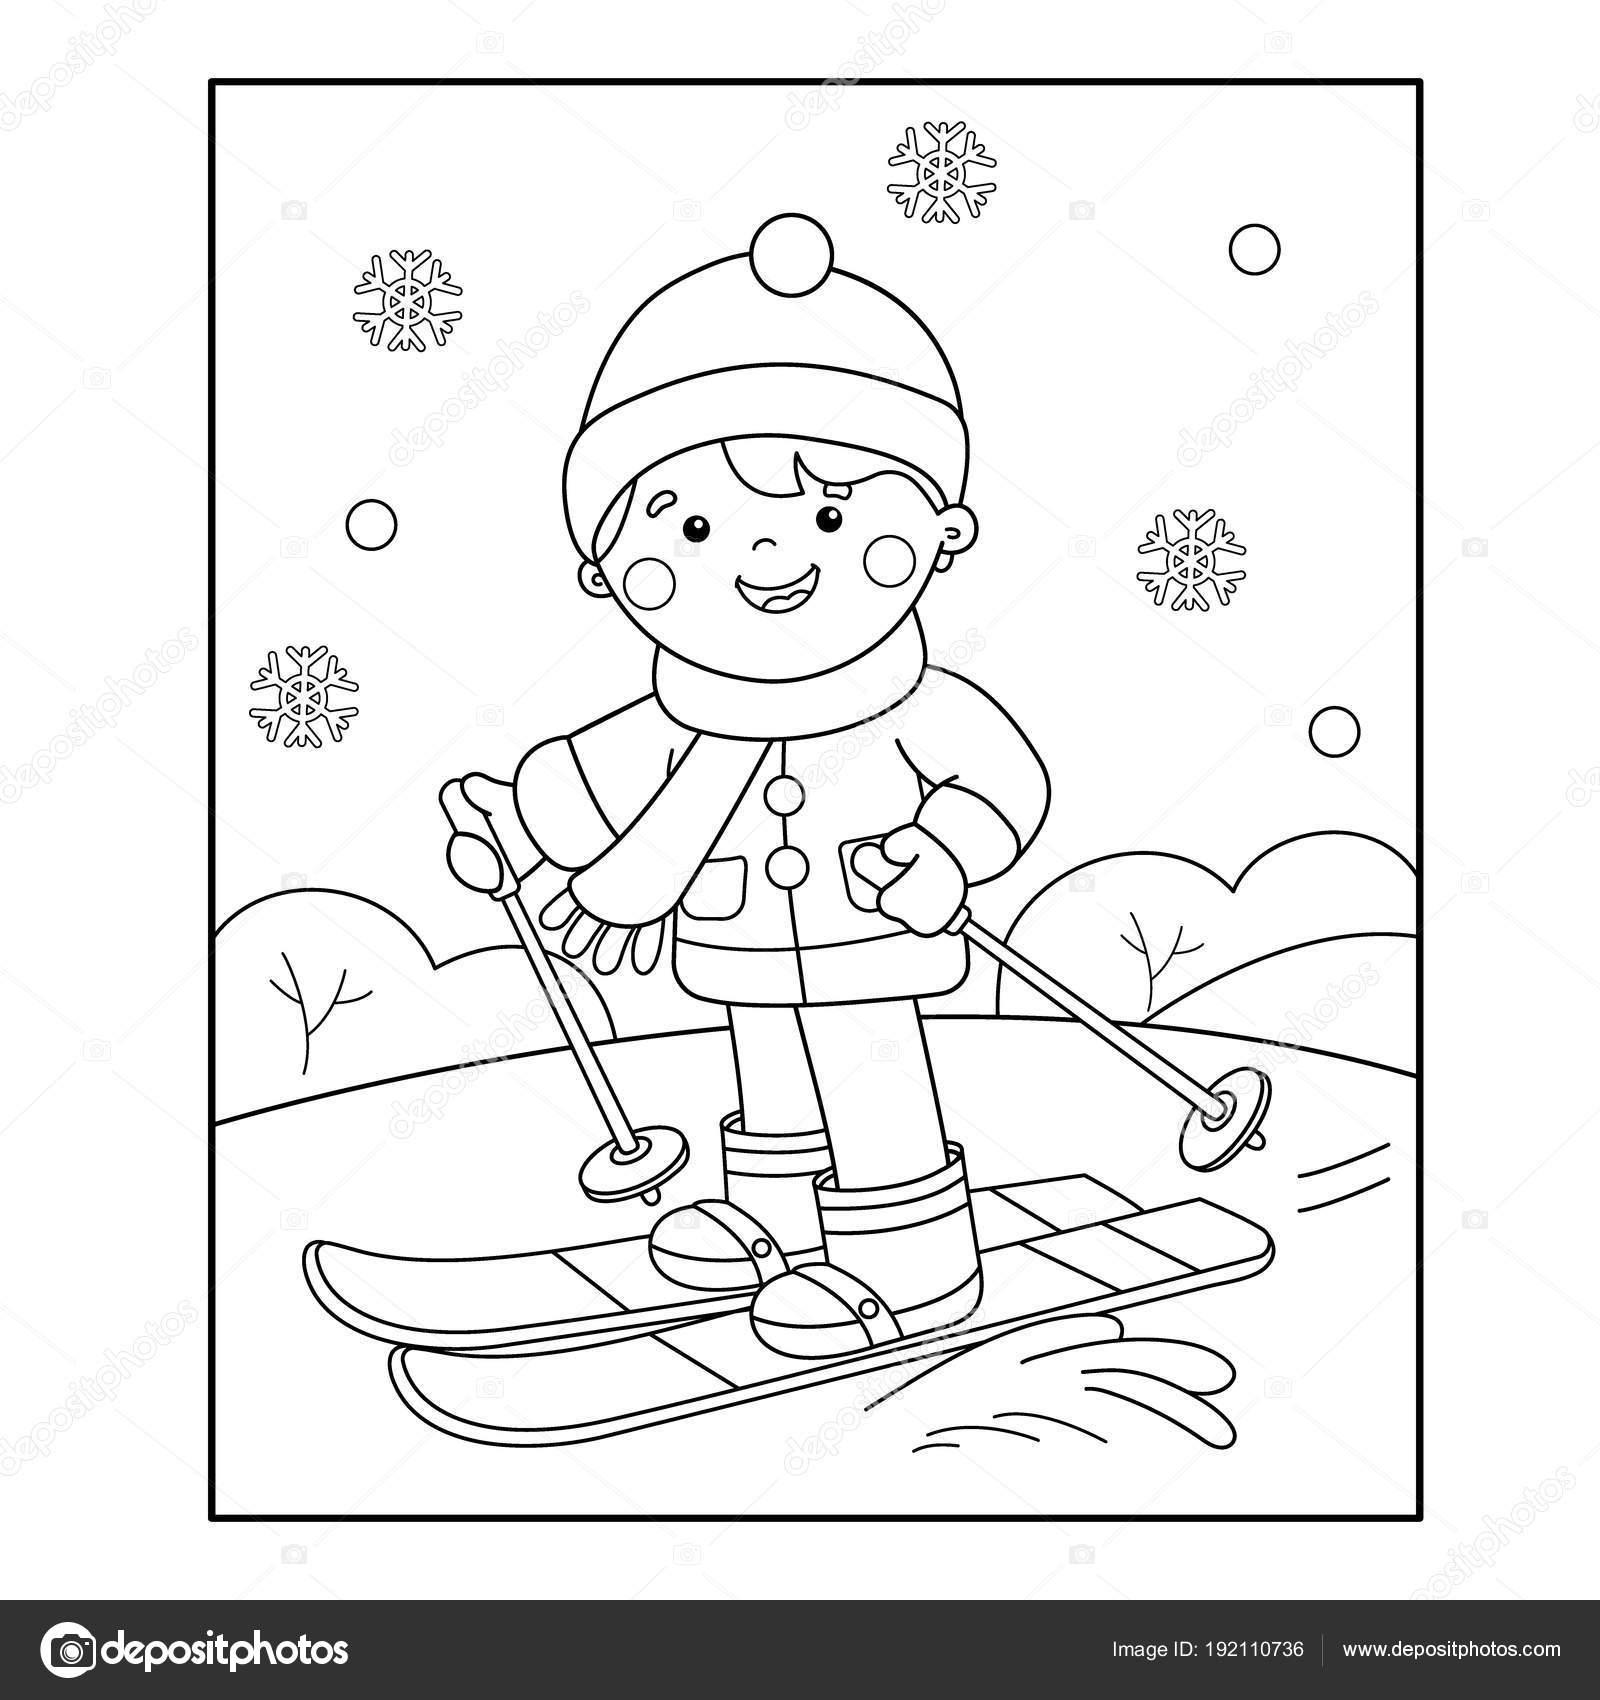 ぬりえページ概要の漫画少年スキーします冬のスポーツ子供のための